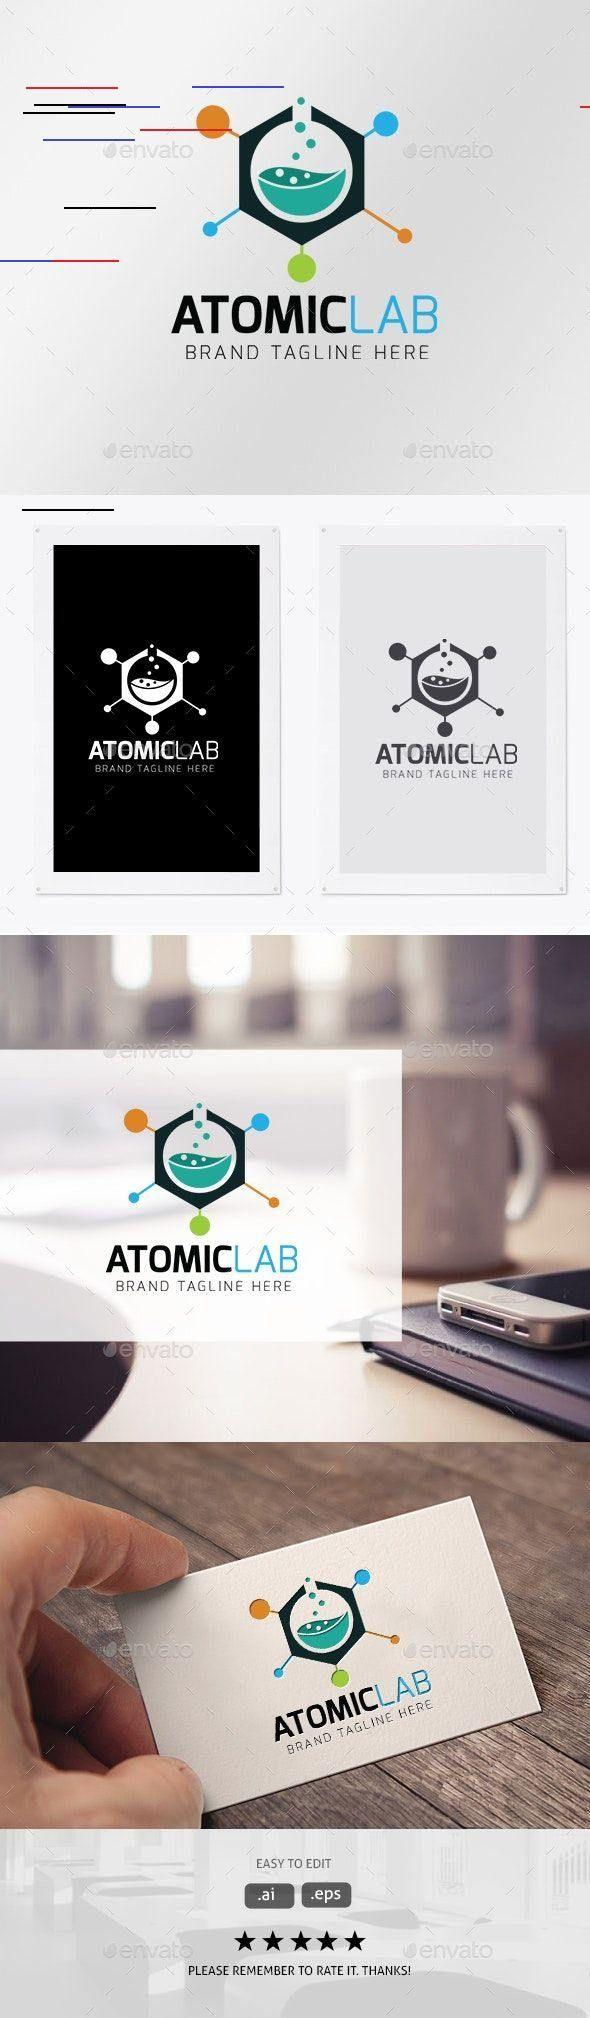 Atomic Lab i 2020